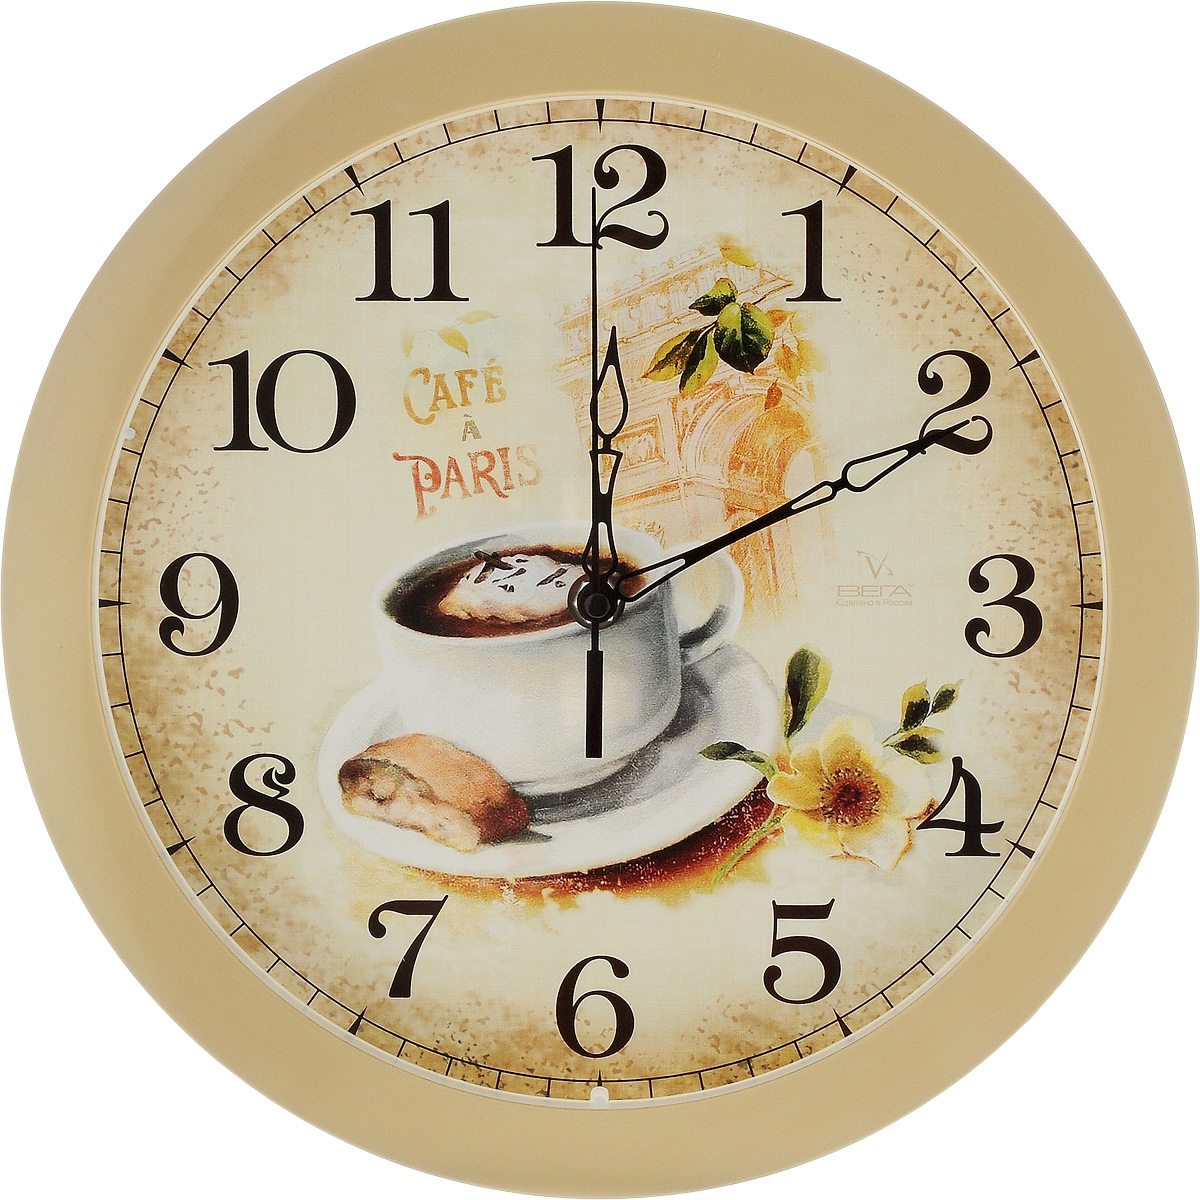 Часы настенные Вега Французский завтрак, диаметр 28,5 смП1-14/7-220Настенные кварцевые часы Вега Французский завтрак,изготовленные из пластика, прекрасно впишутся в интерьервашего дома. Часы имеют три стрелки: часовую, минутную исекундную, циферблат защищен прозрачным стеклом.Часы работают от 1 батарейки типа АА напряжением 1,5 В (невходит в комплект). Диаметр часов: 28,5 см.